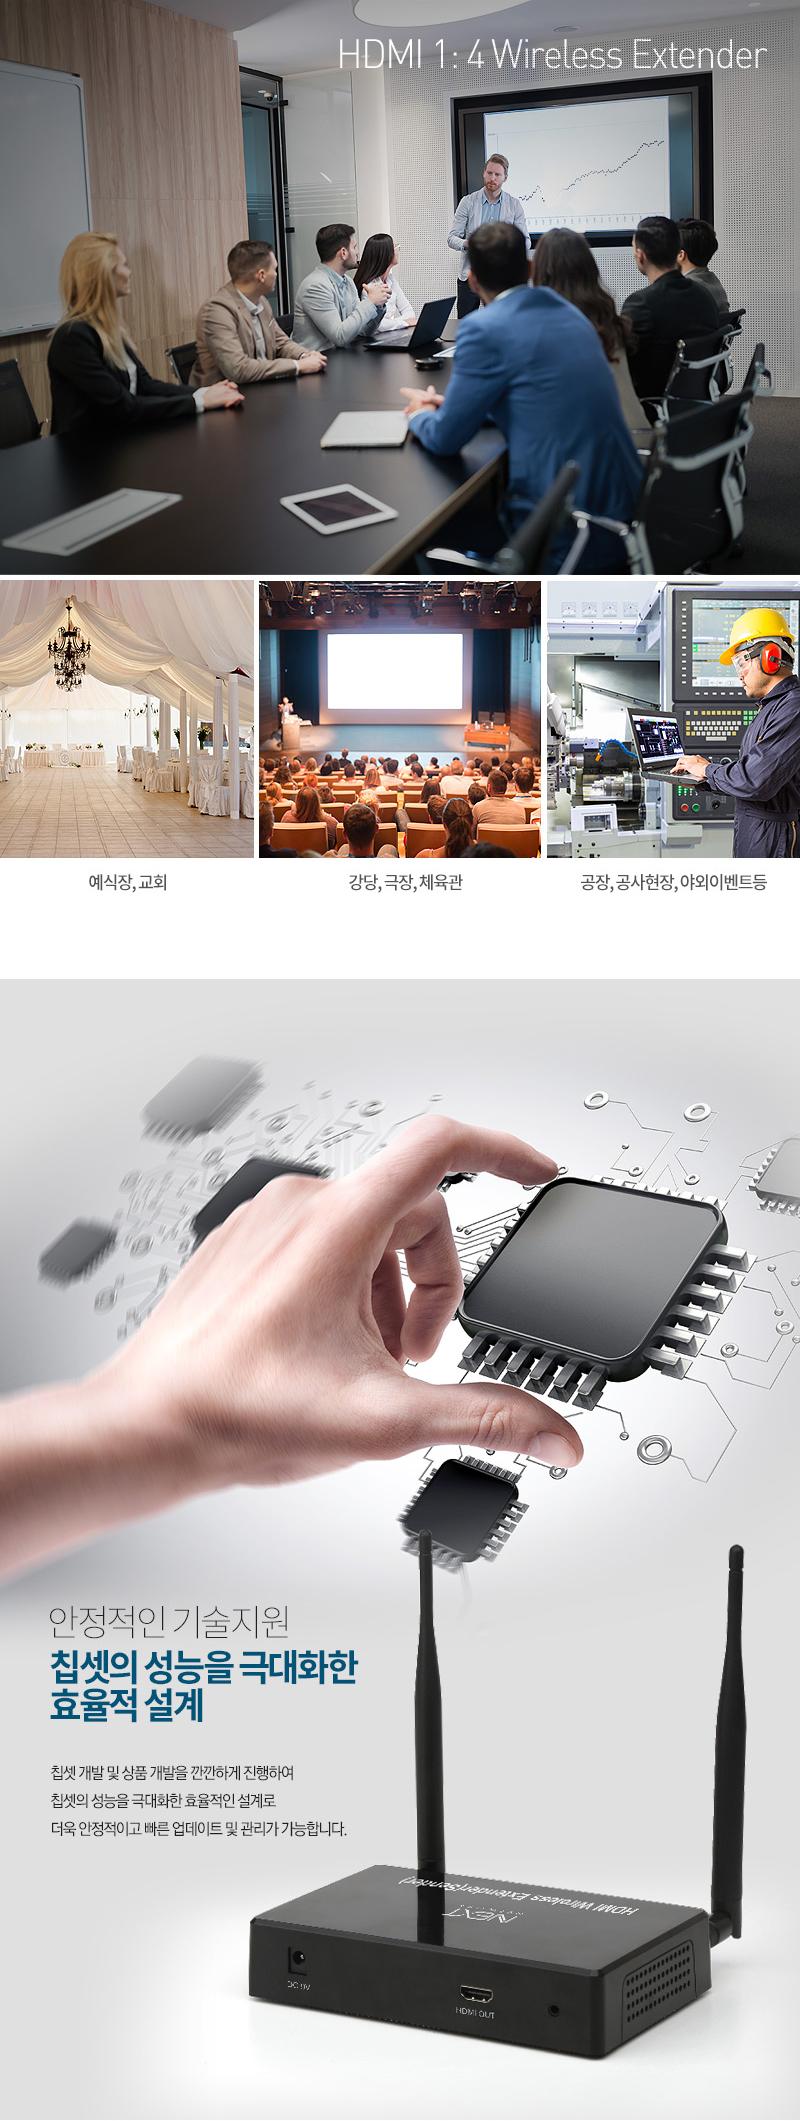 이지넷유비쿼터스  1:4 HDMI 무선 거리 연장기 리시버 (NEXT-400HDW-R)